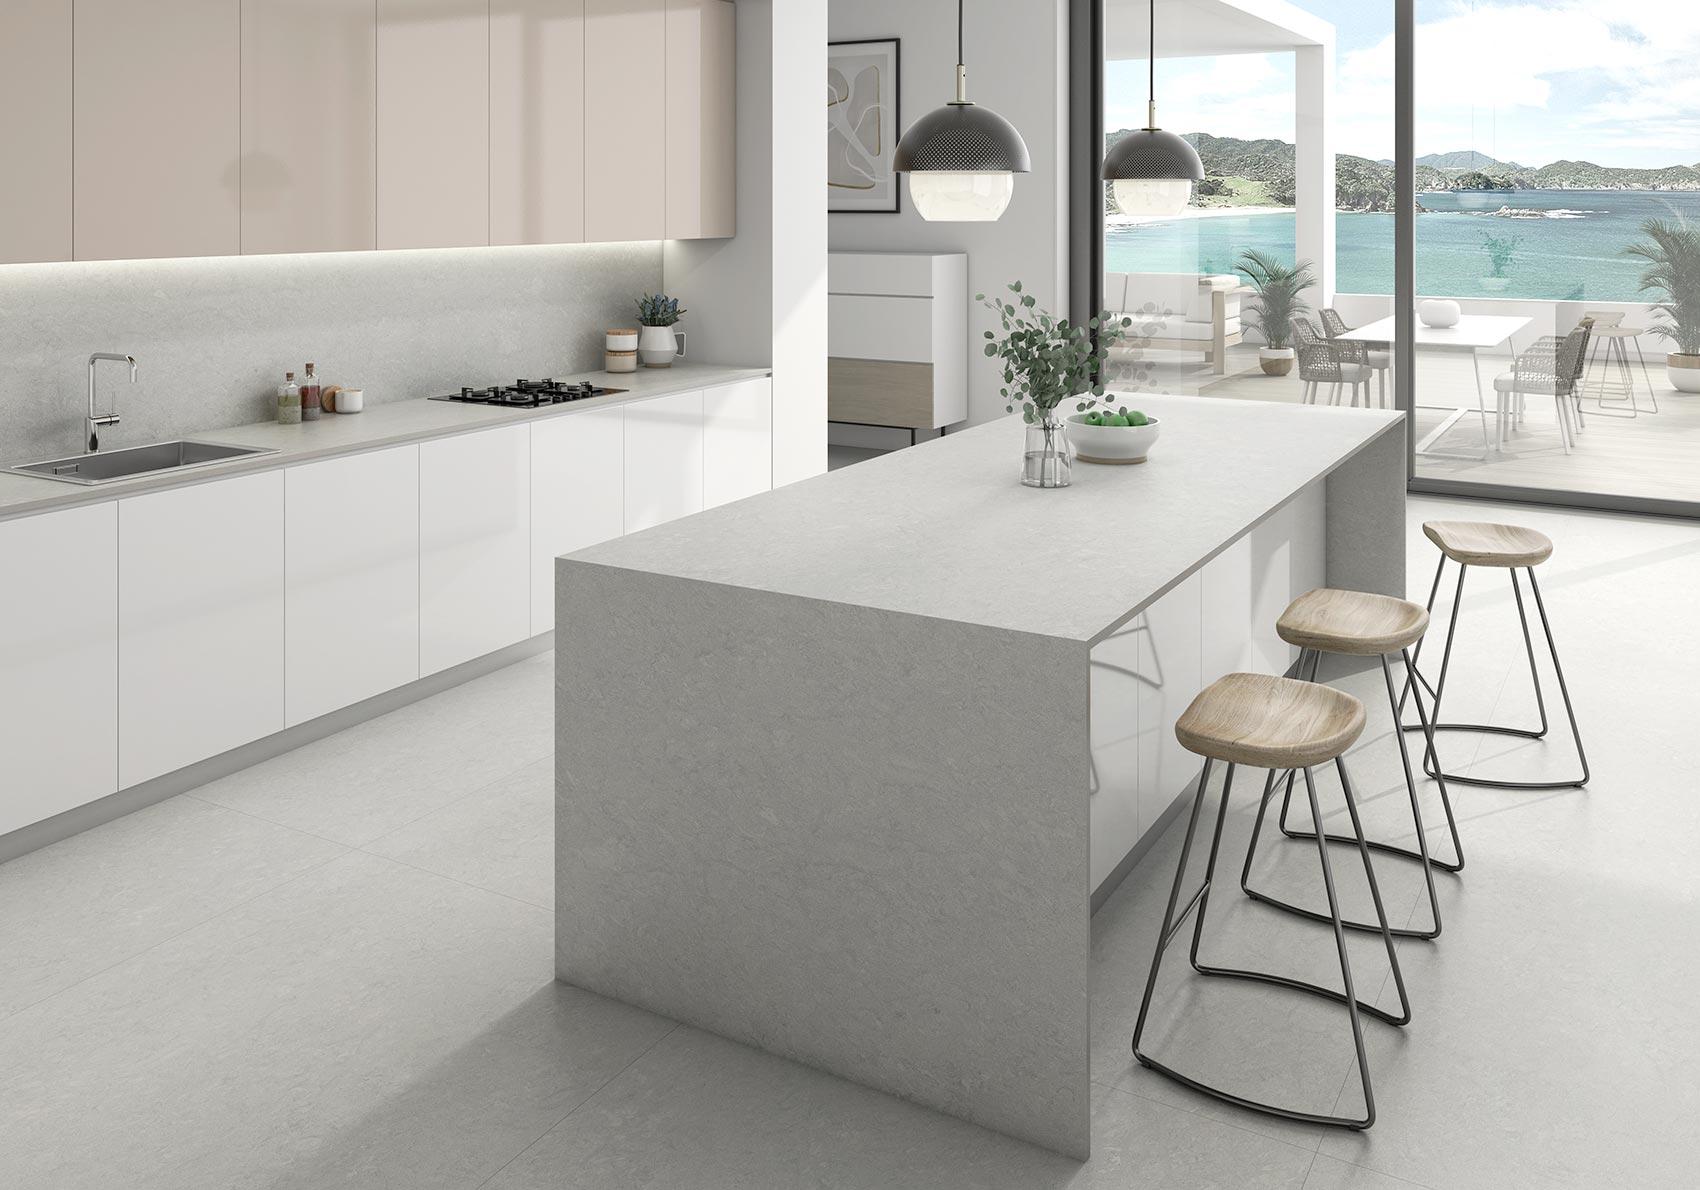 Ambiente cocina 12mm